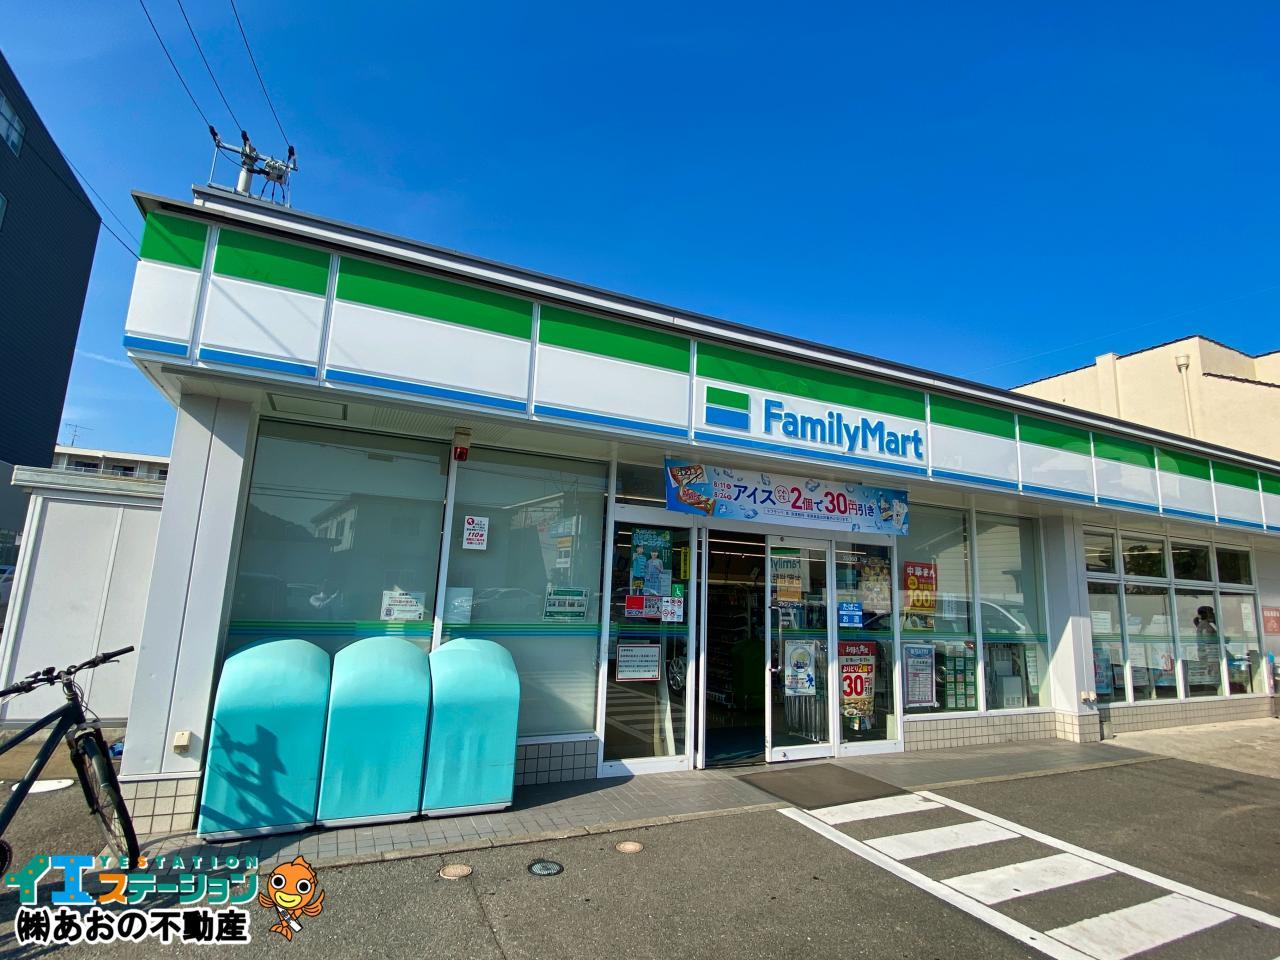 ファミリーマート 中前川店